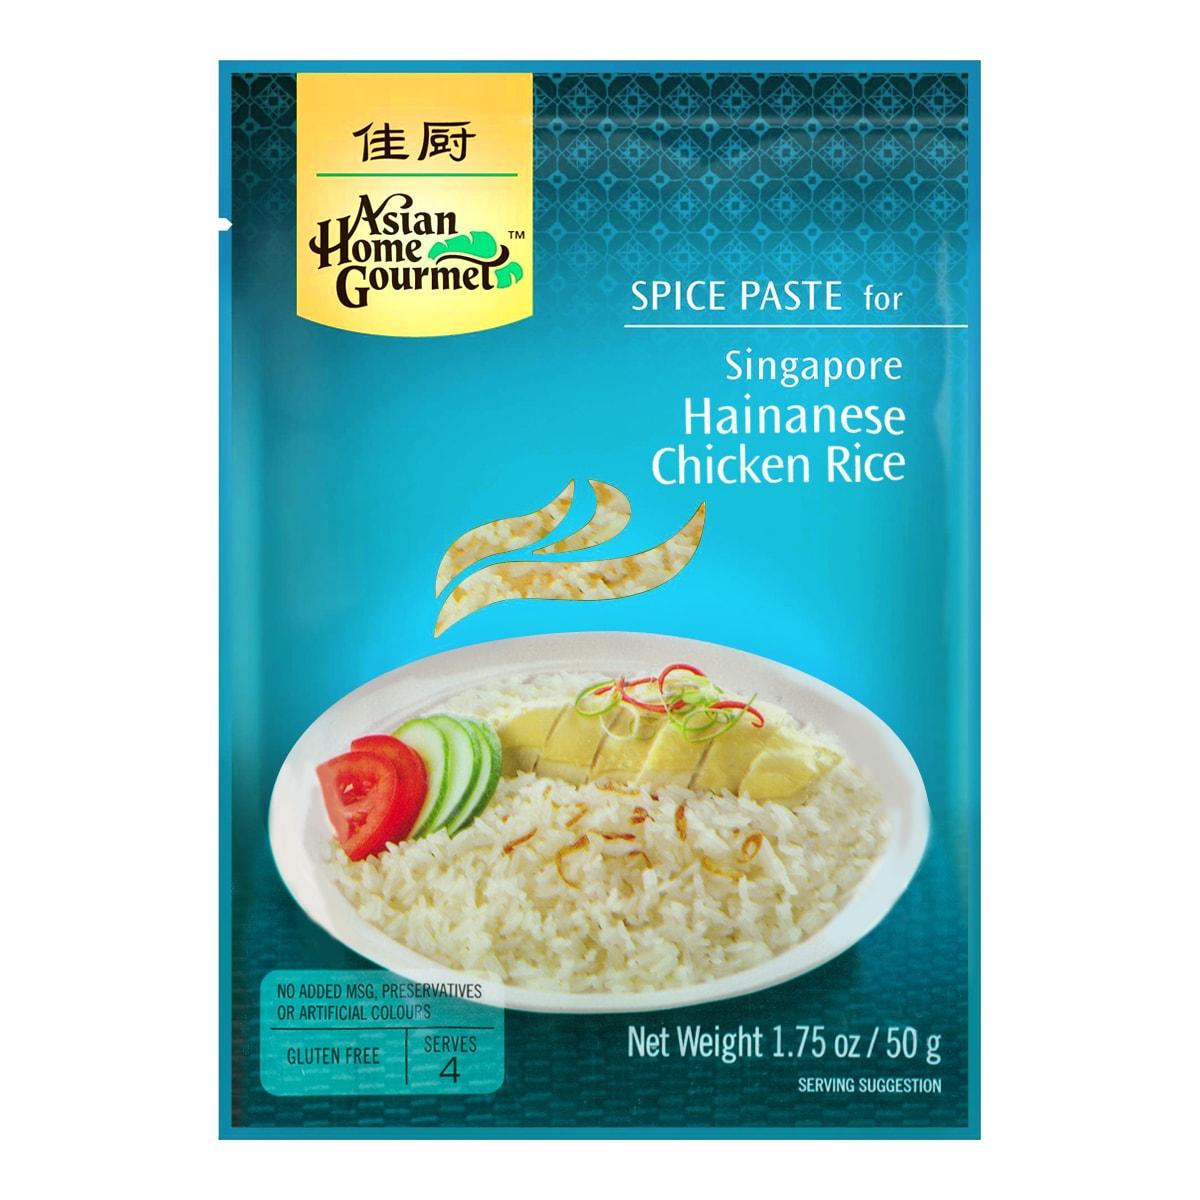 泰国佳厨 新加坡风味海南鸡饭香料酱 50g